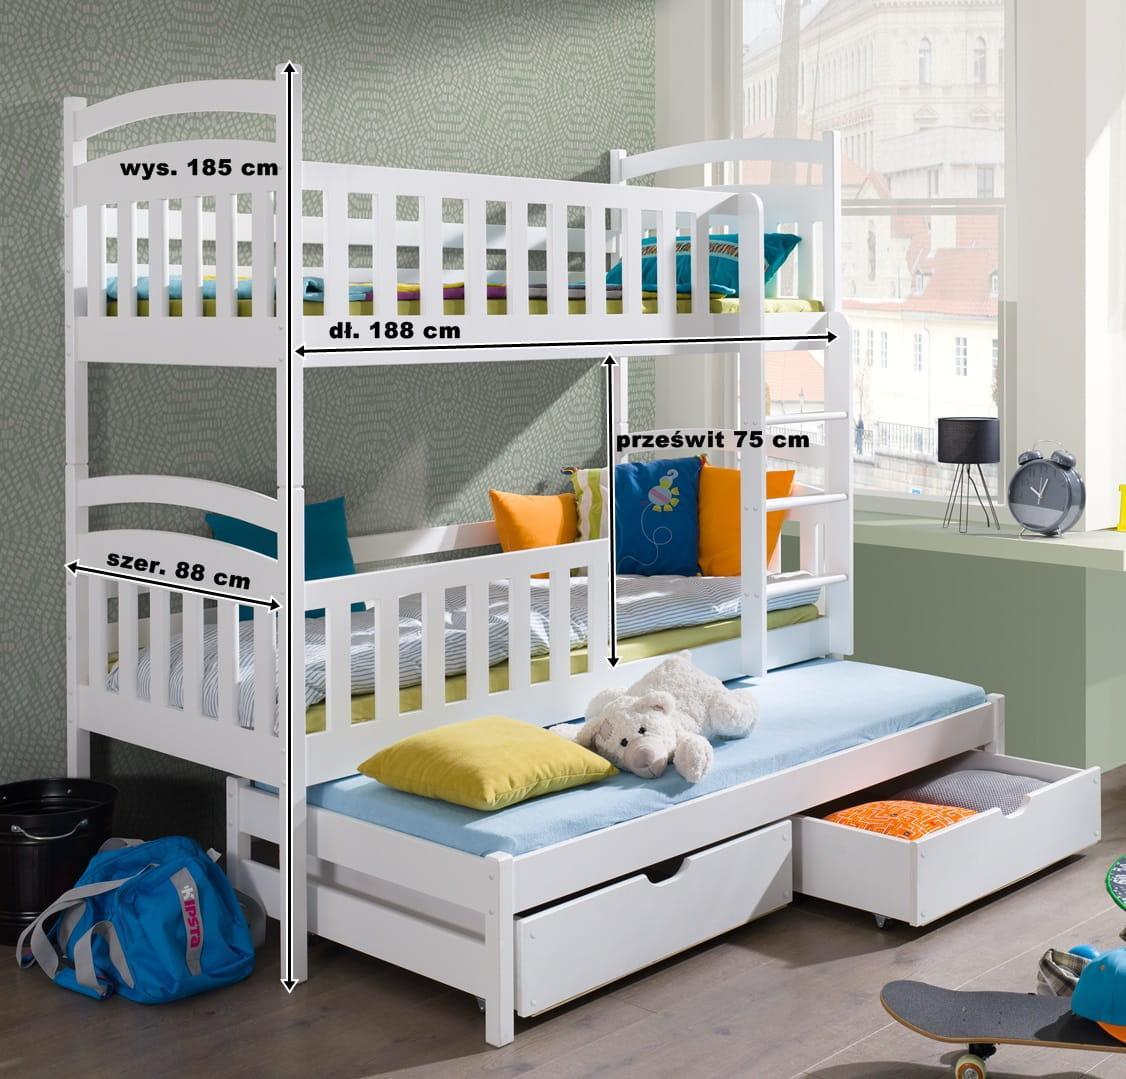 łóżko Piętrowe Wikuś Trzyosobowe Meblegratka